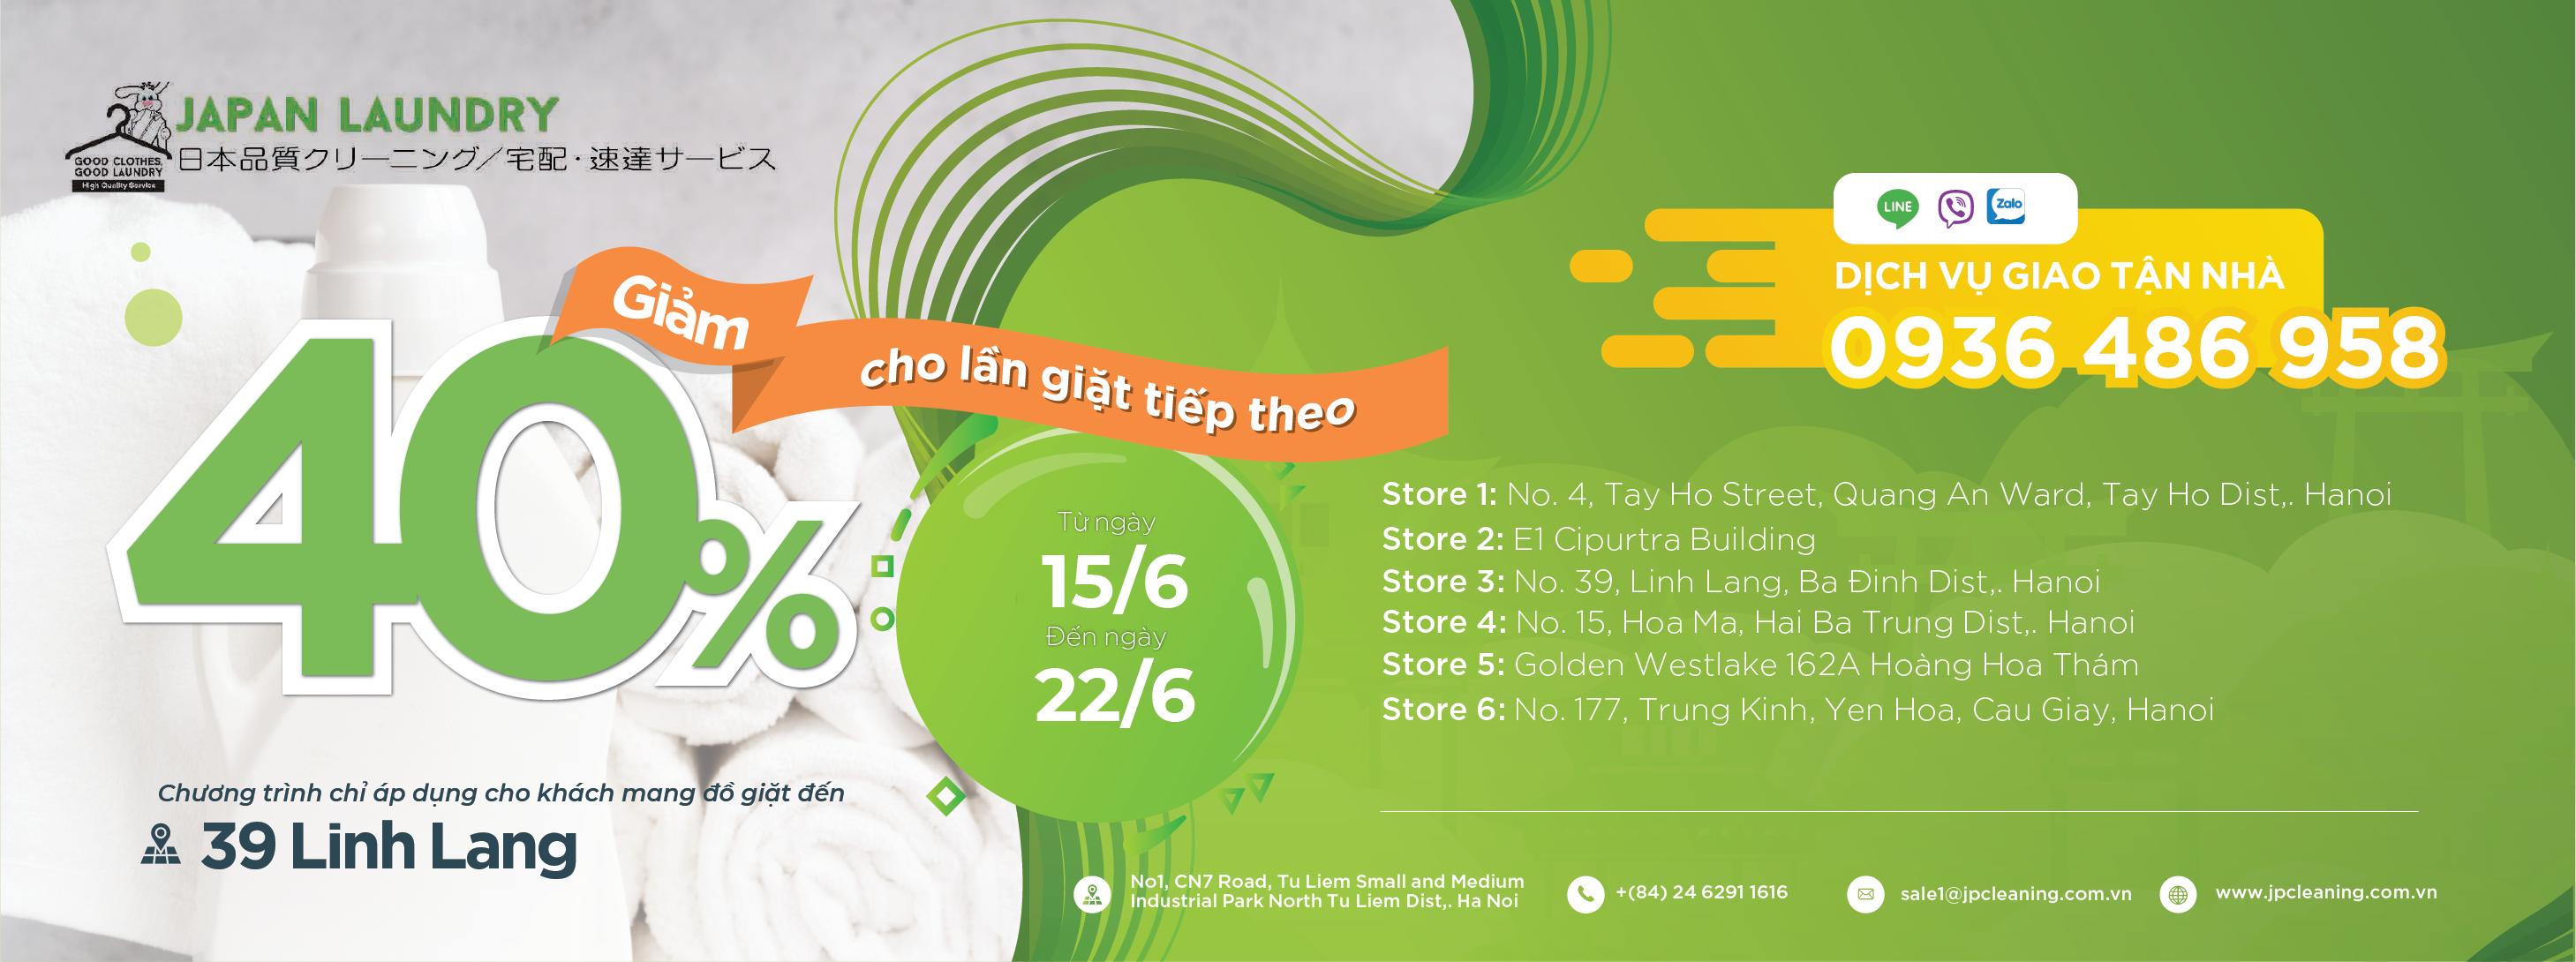 Siêu ưu đãi dành cho khách hàng tại 39 Linh Lang trong tháng 6 -  Japan LaunDry